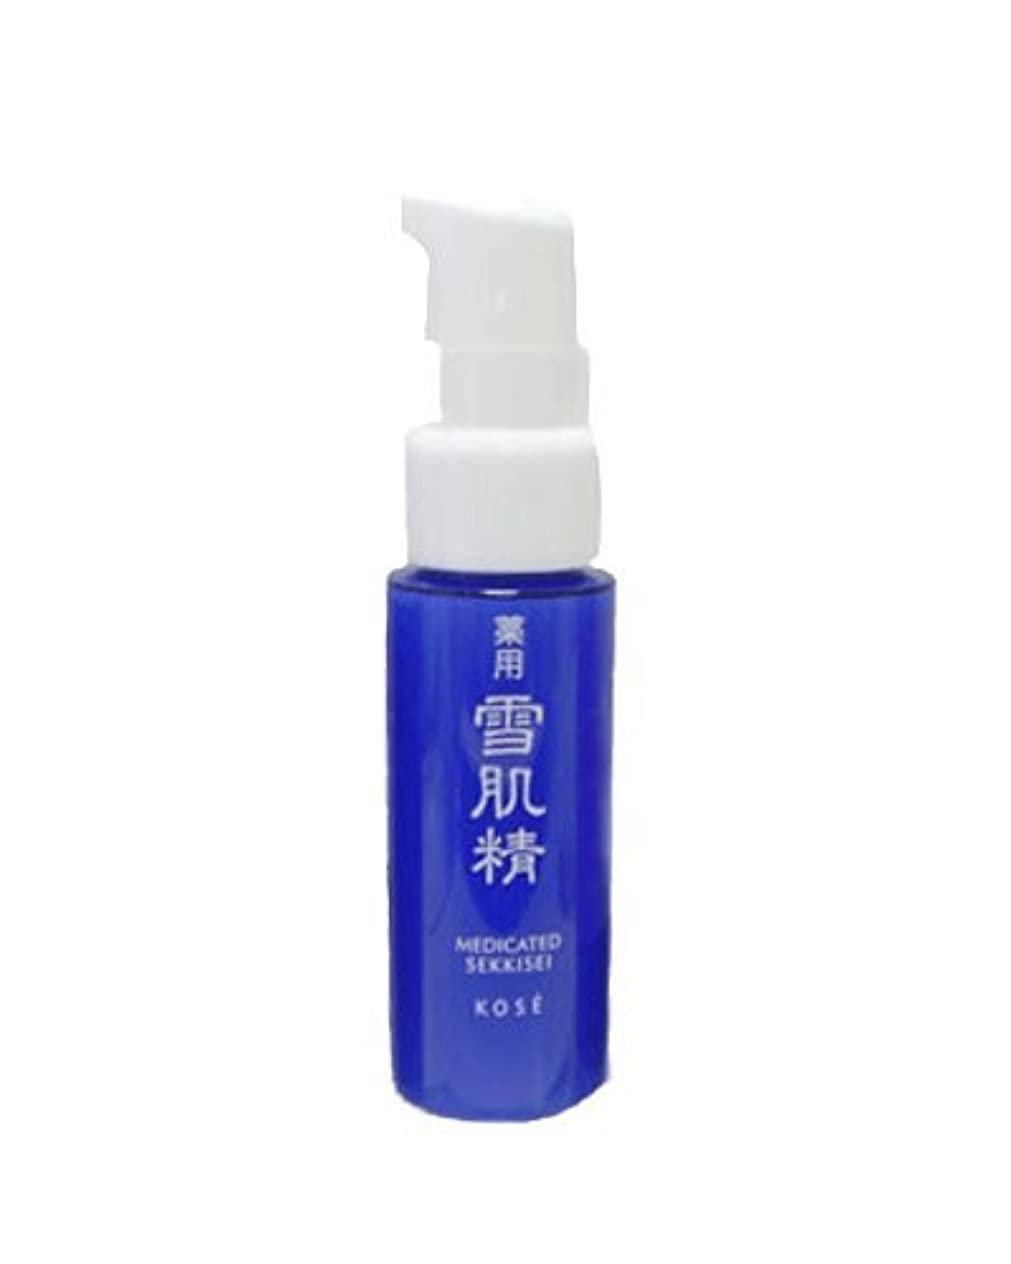 クライマックスアーチ確認【コーセー】 薬用雪肌精 乳液 20ml 【ミニサイズ】